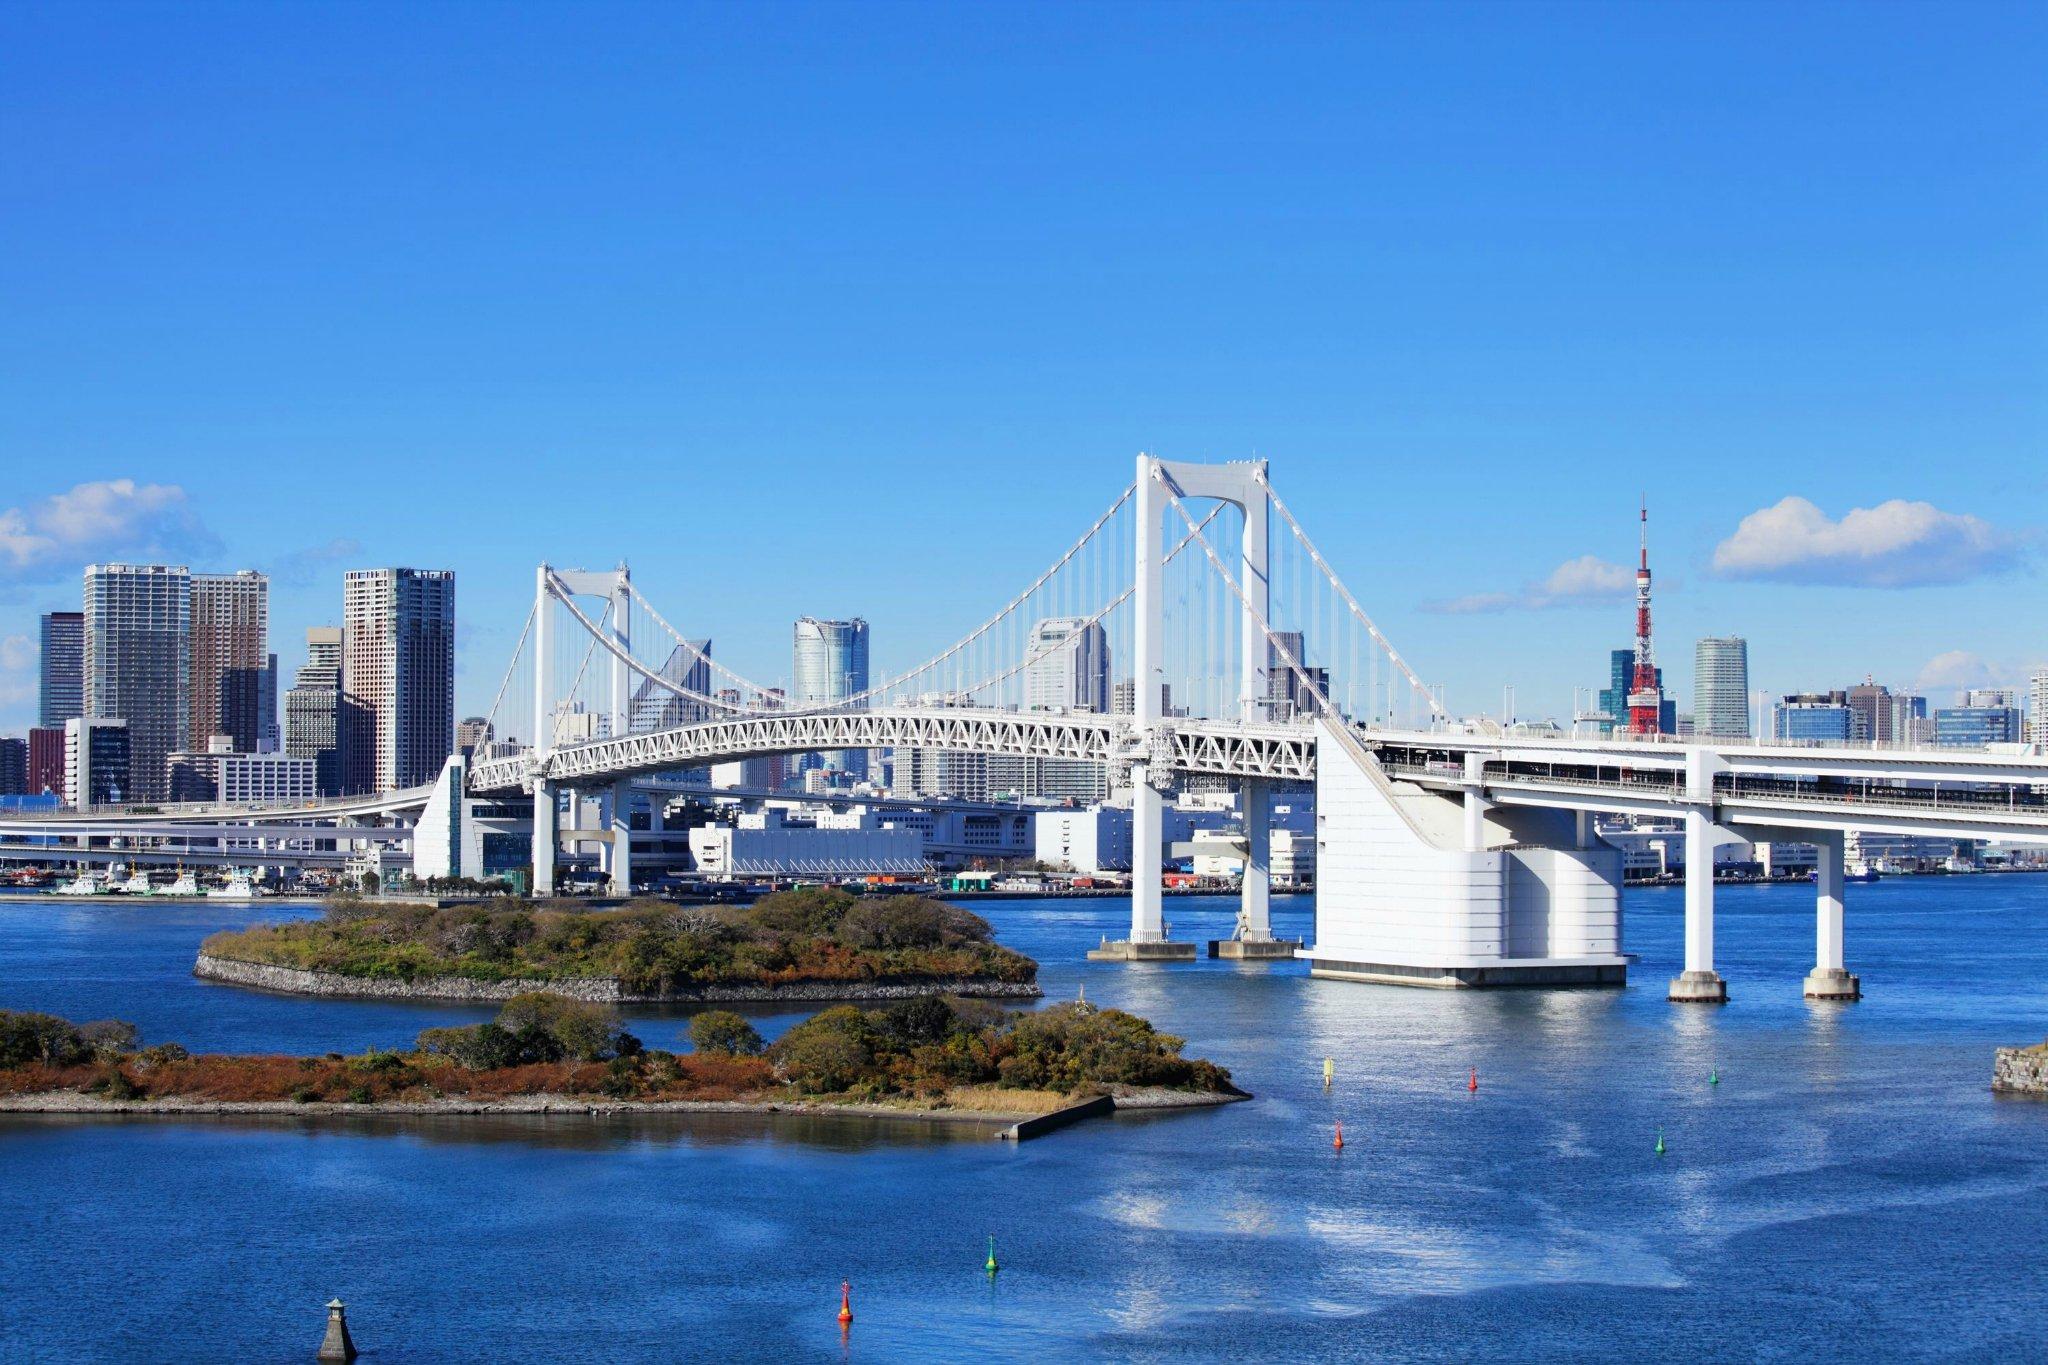 日本駅OsakaTokyo泰国BK十一日之旅,SAMSAM在路上